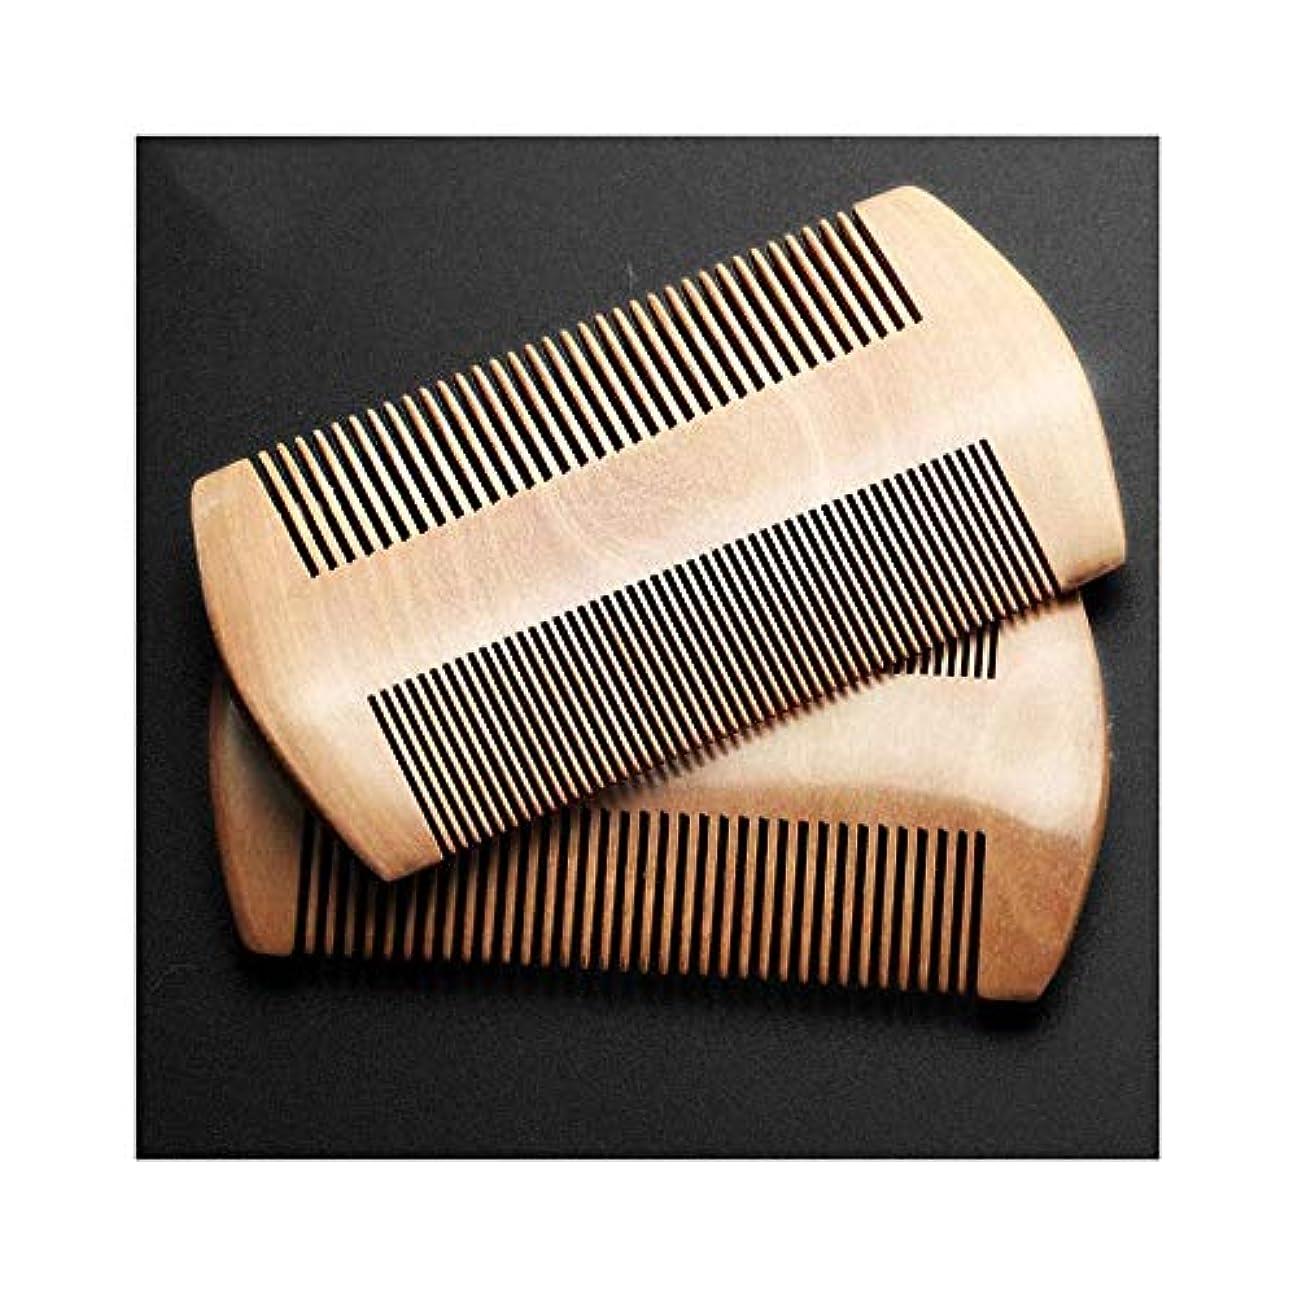 ロデオくそーカバレッジ女性と男性のために木製Fashian木製ビアードくし抗静的口ひげポケットコームウォールナット ヘアケア